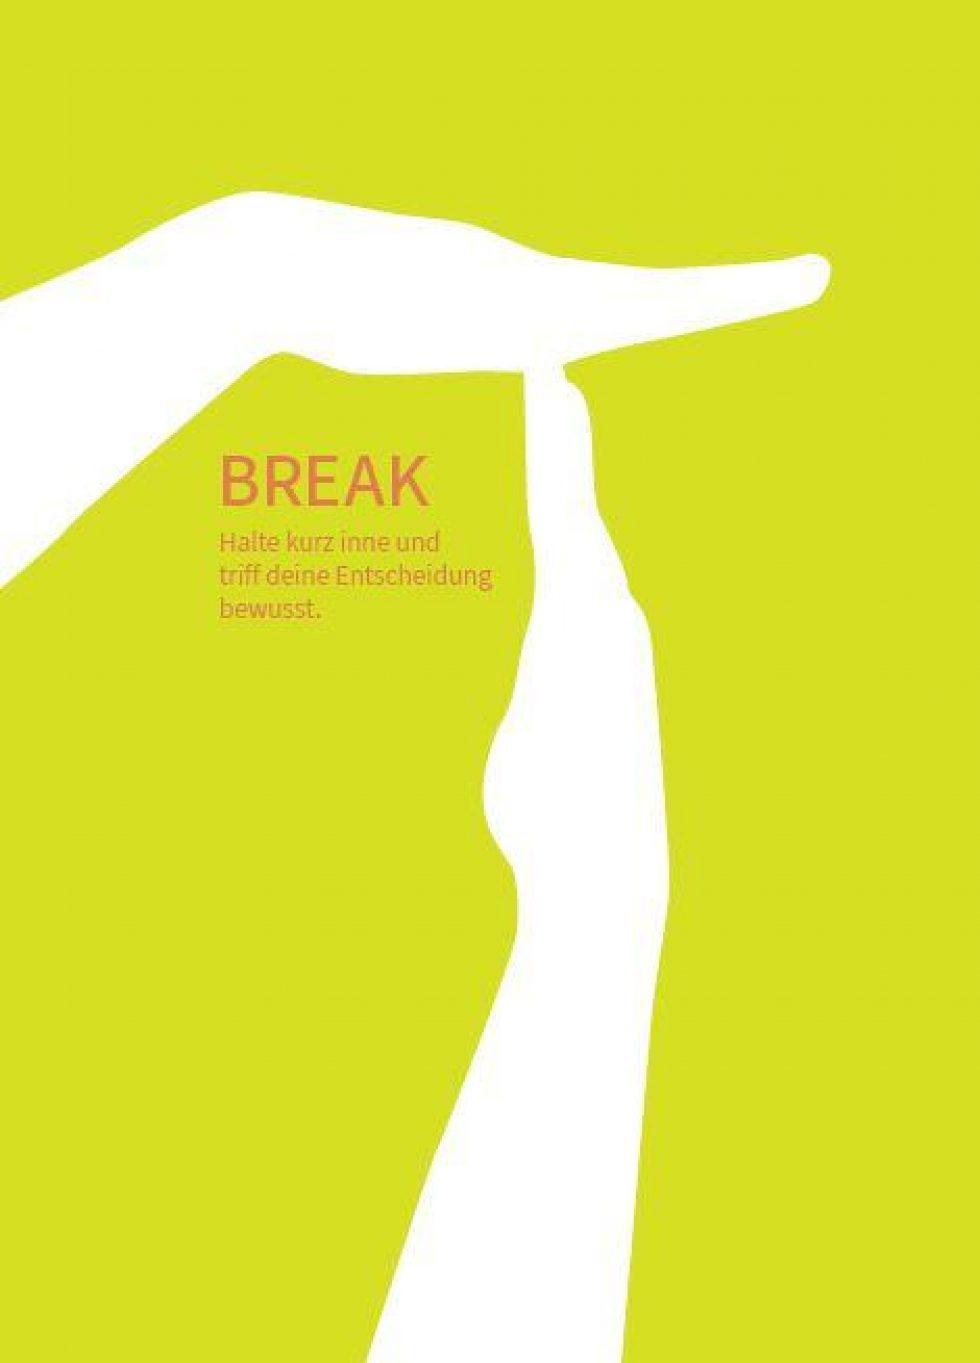 Risiko suchen_Break